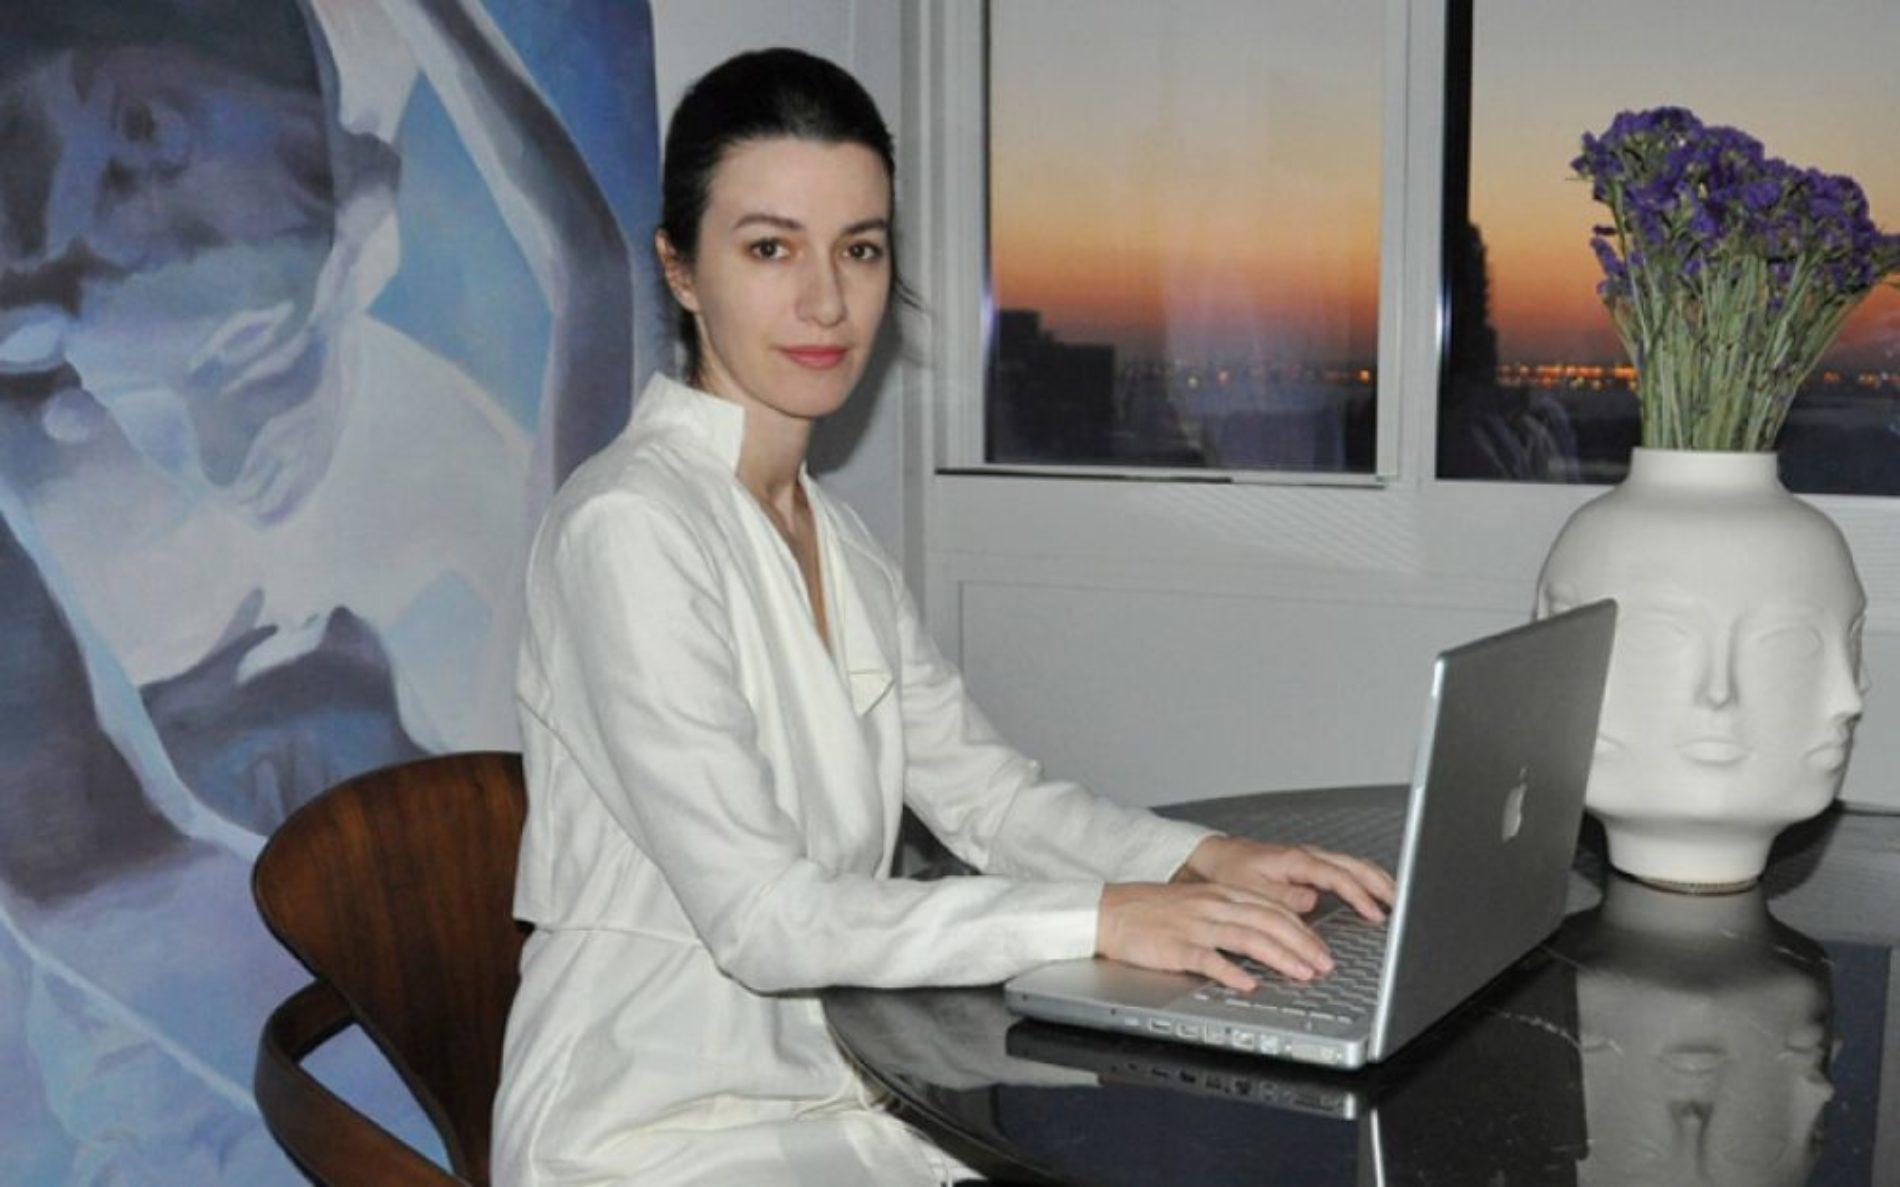 Fascinantan životni put Amre Alić: Od bosanskog pakla do uspješne karijere u New York-u